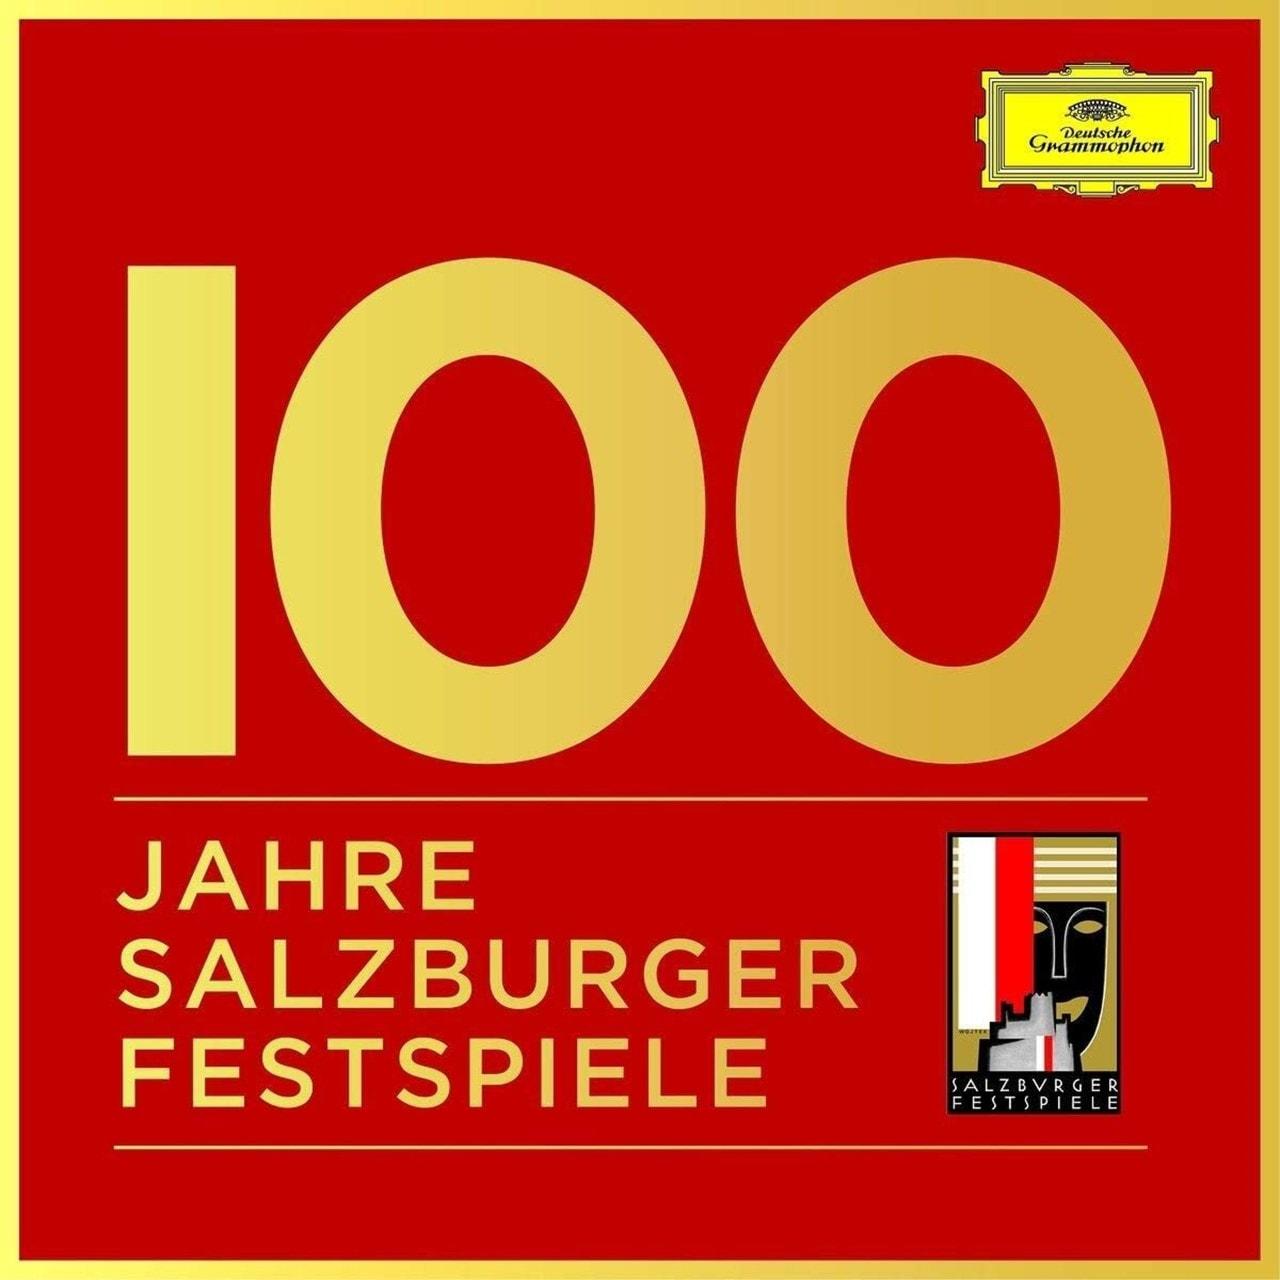 100 Jahre Salzburger Festspiele - 1